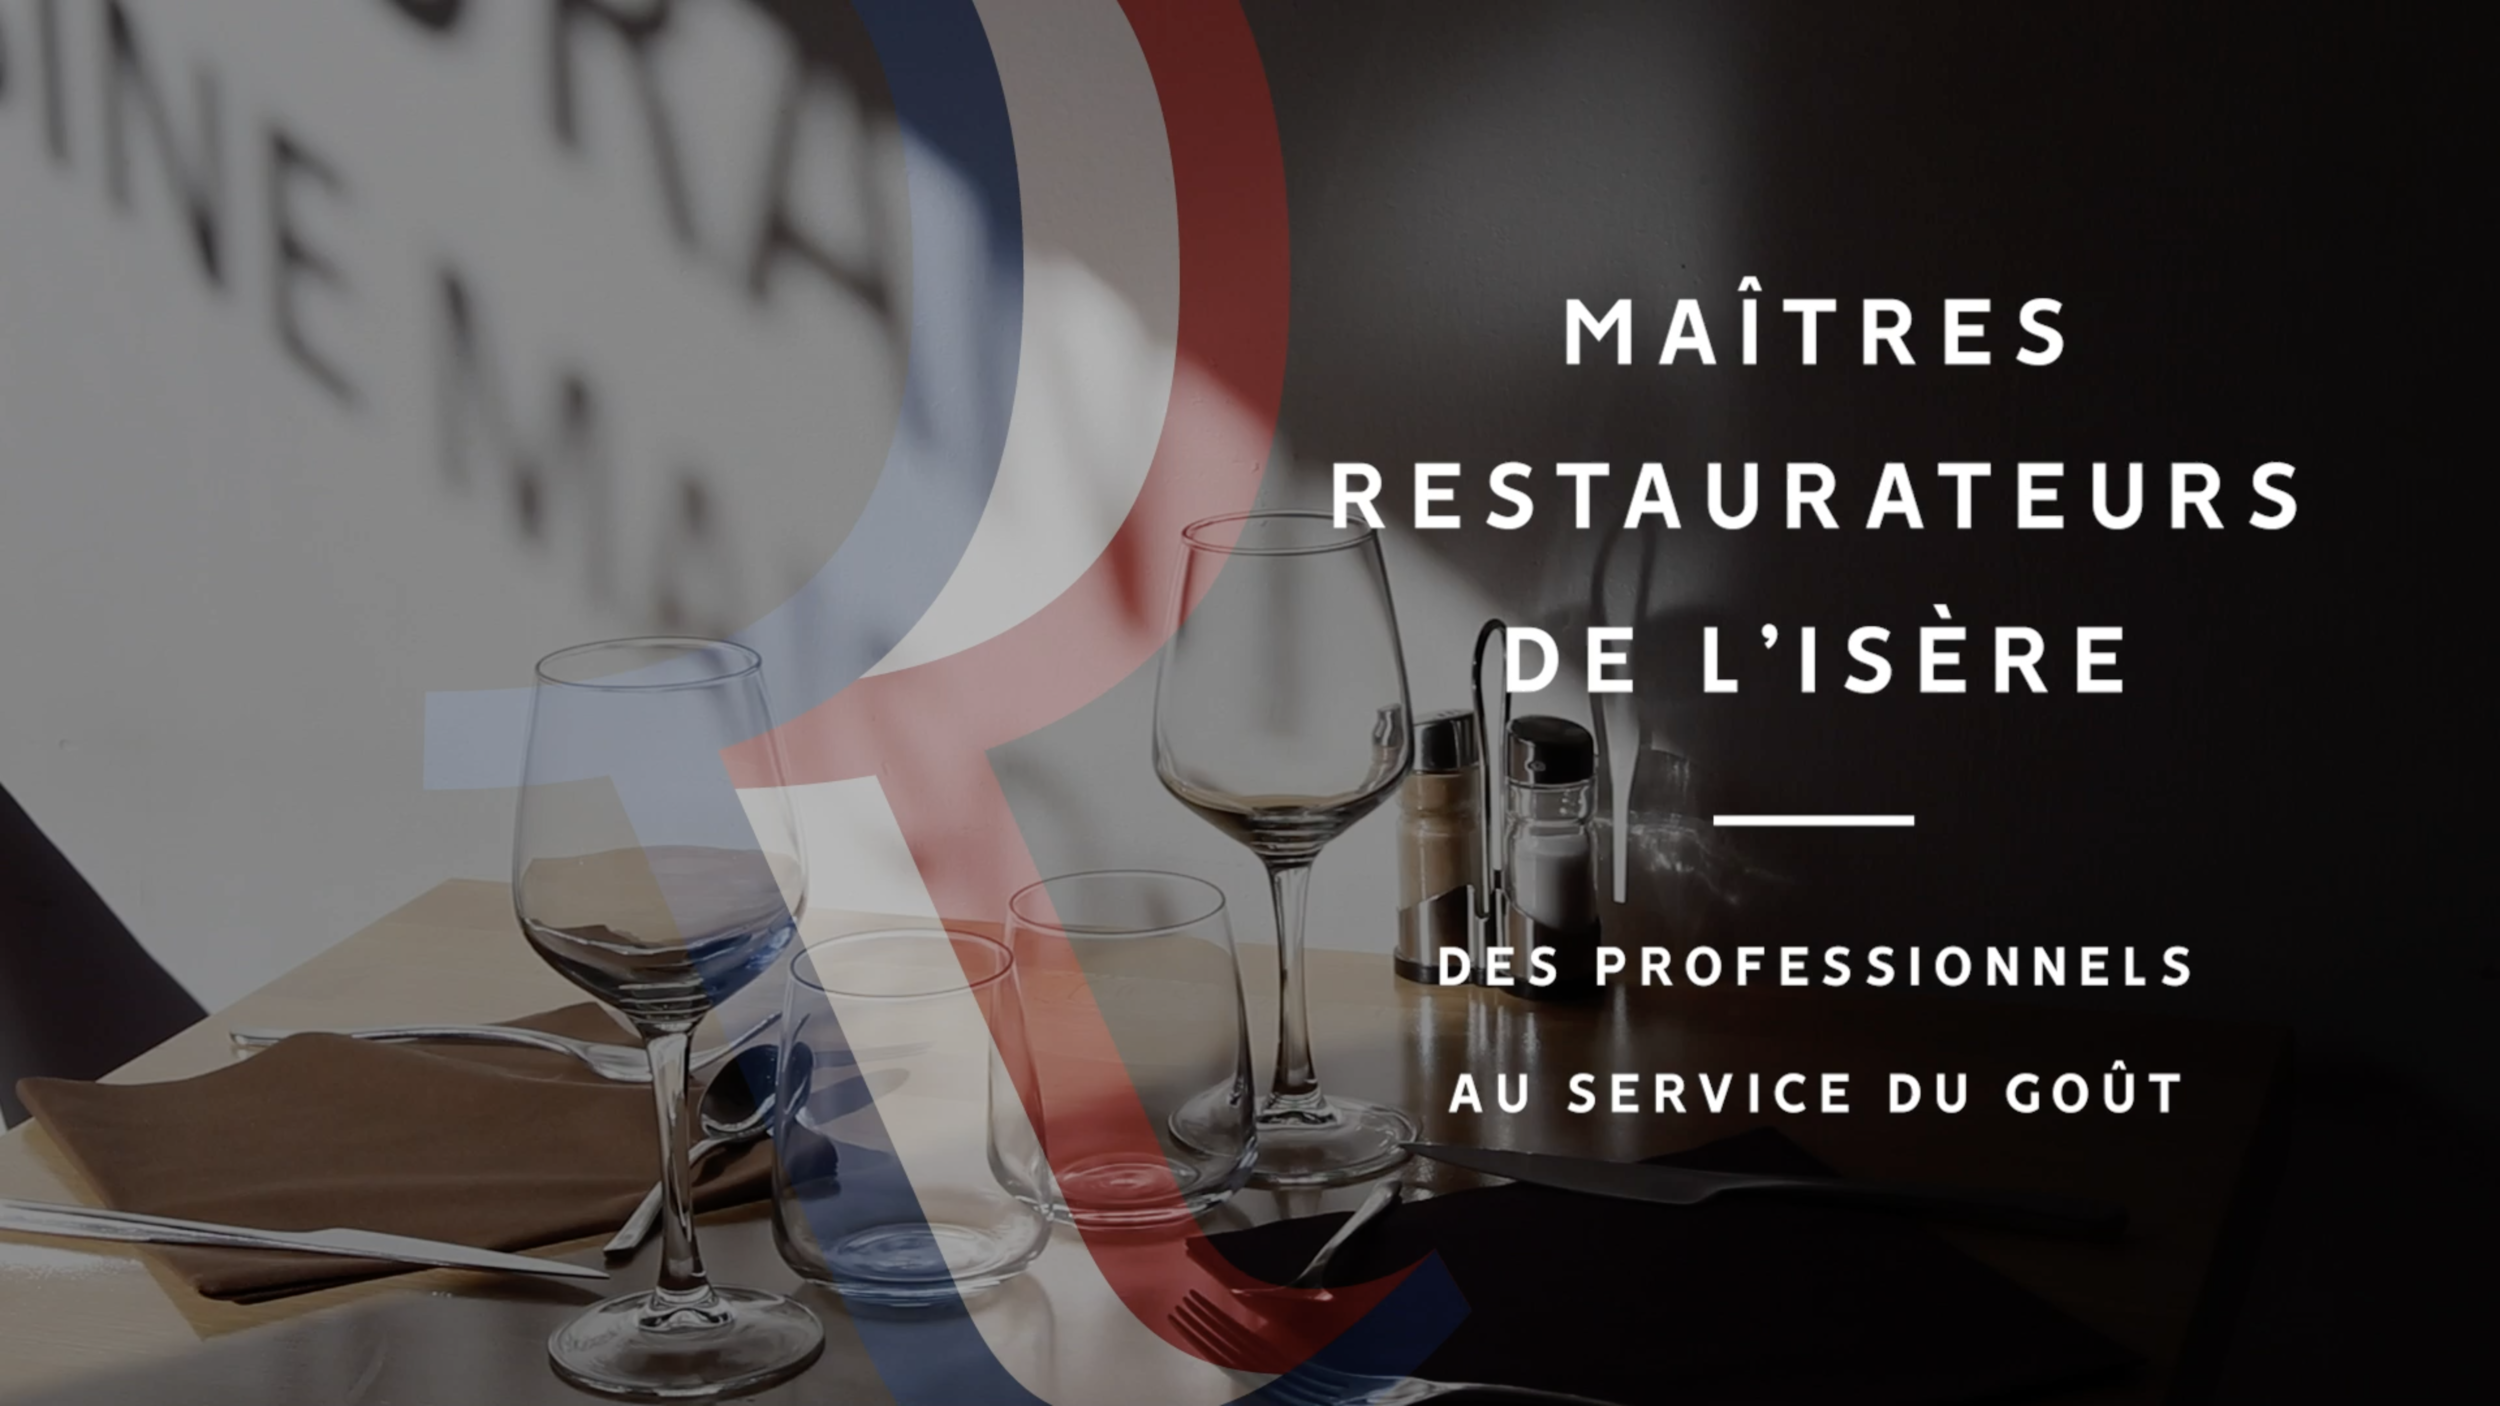 Isère Tourisme, Maîtres Restaurateurs - Vidéo institutionnelle